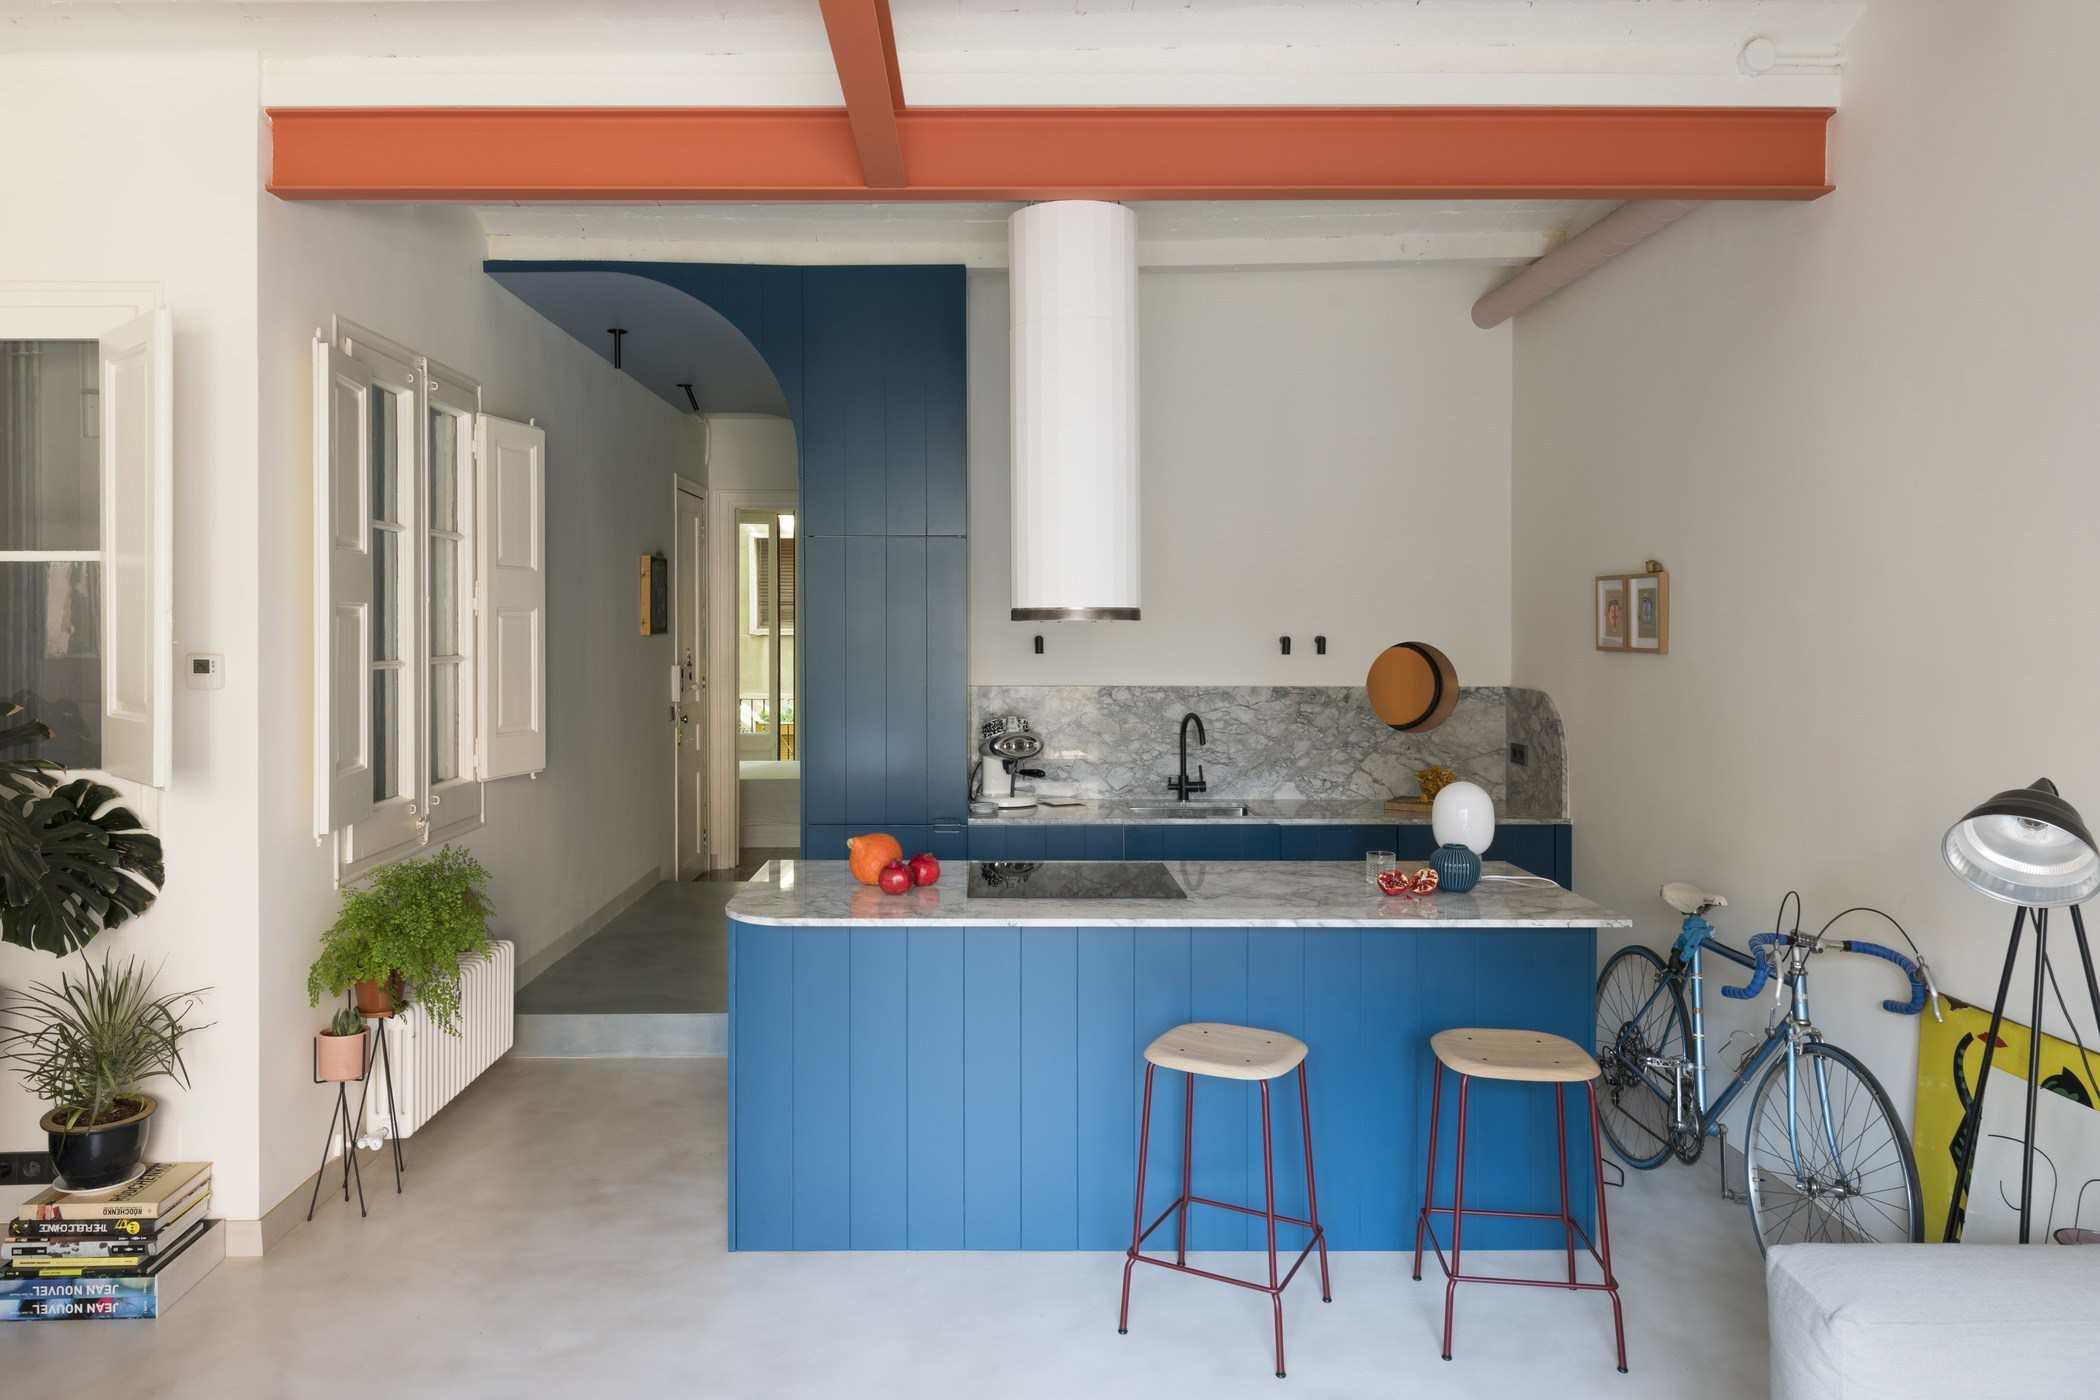 cocina moderna y elegante en España con solapa azul